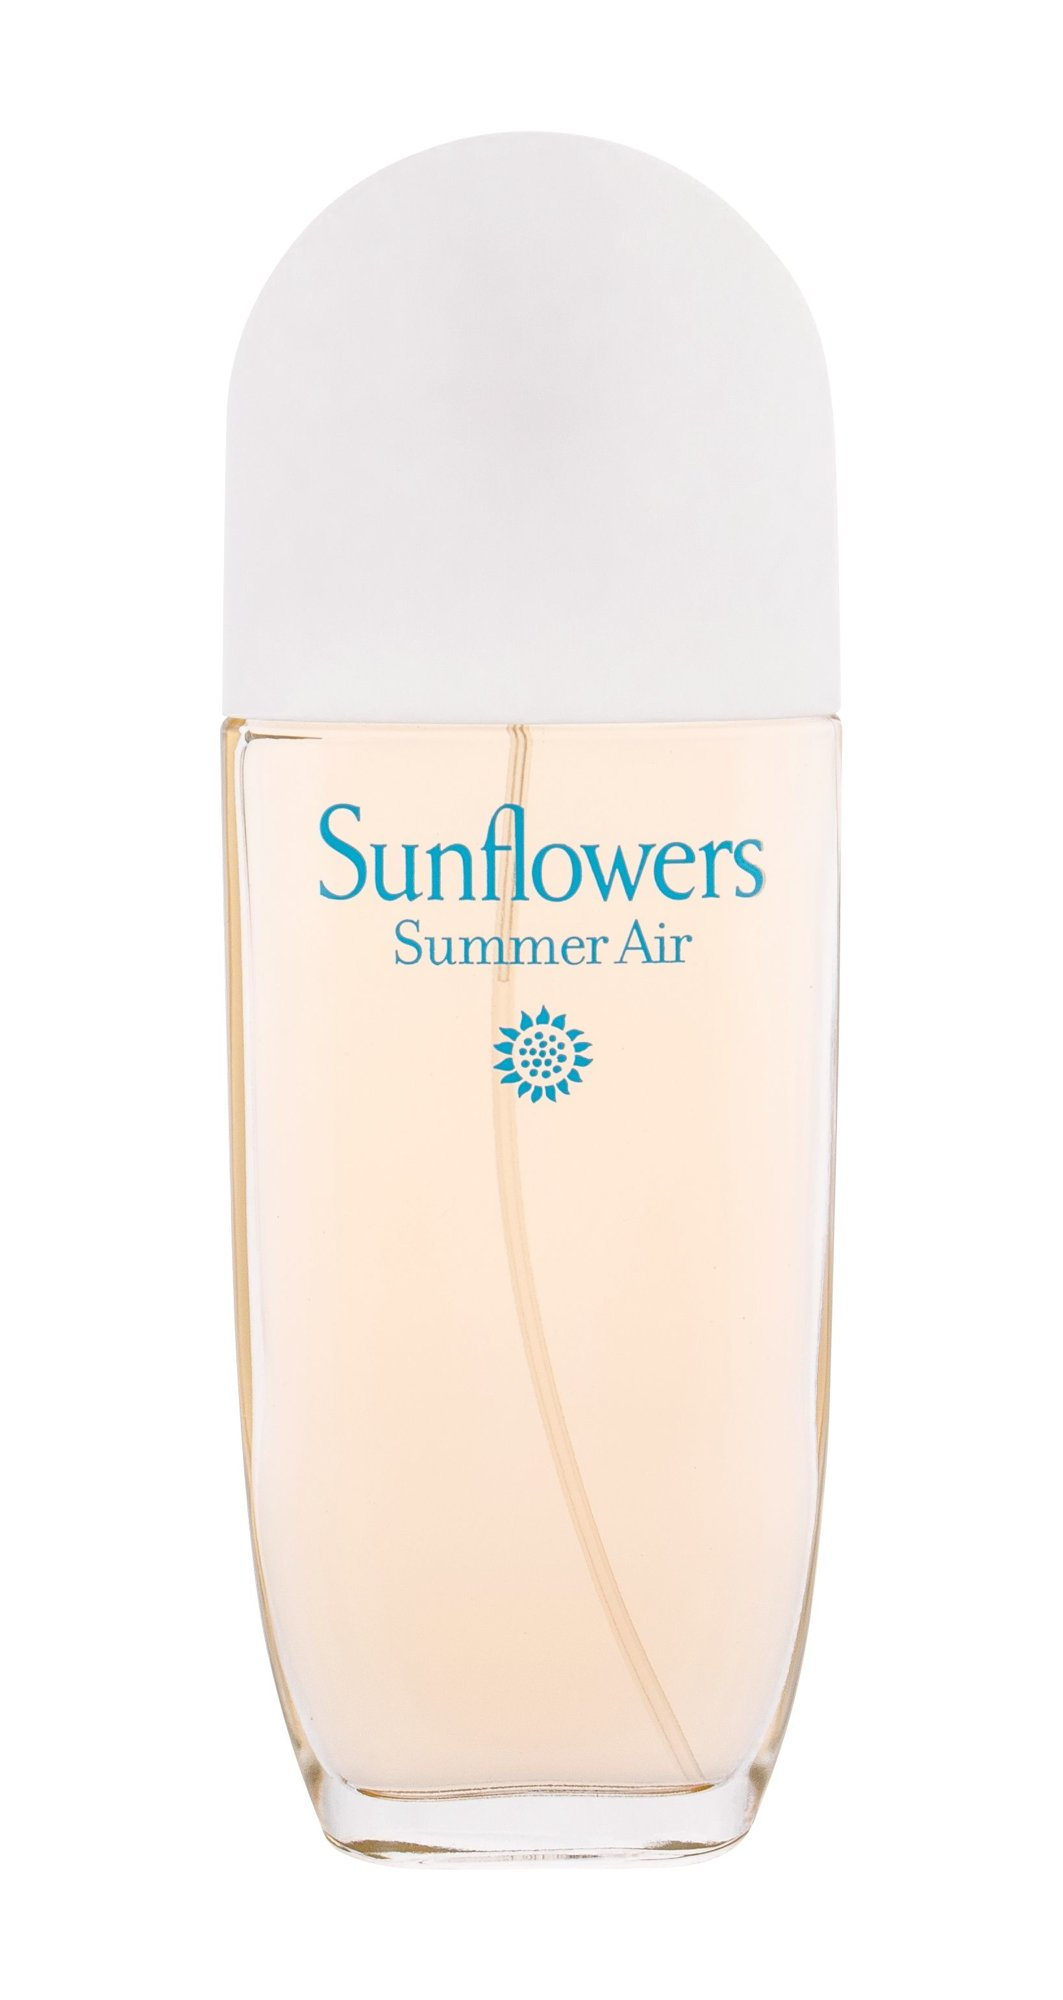 Elizabeth Arden Sunflowers Summer Air Eau de Toilette 100ml